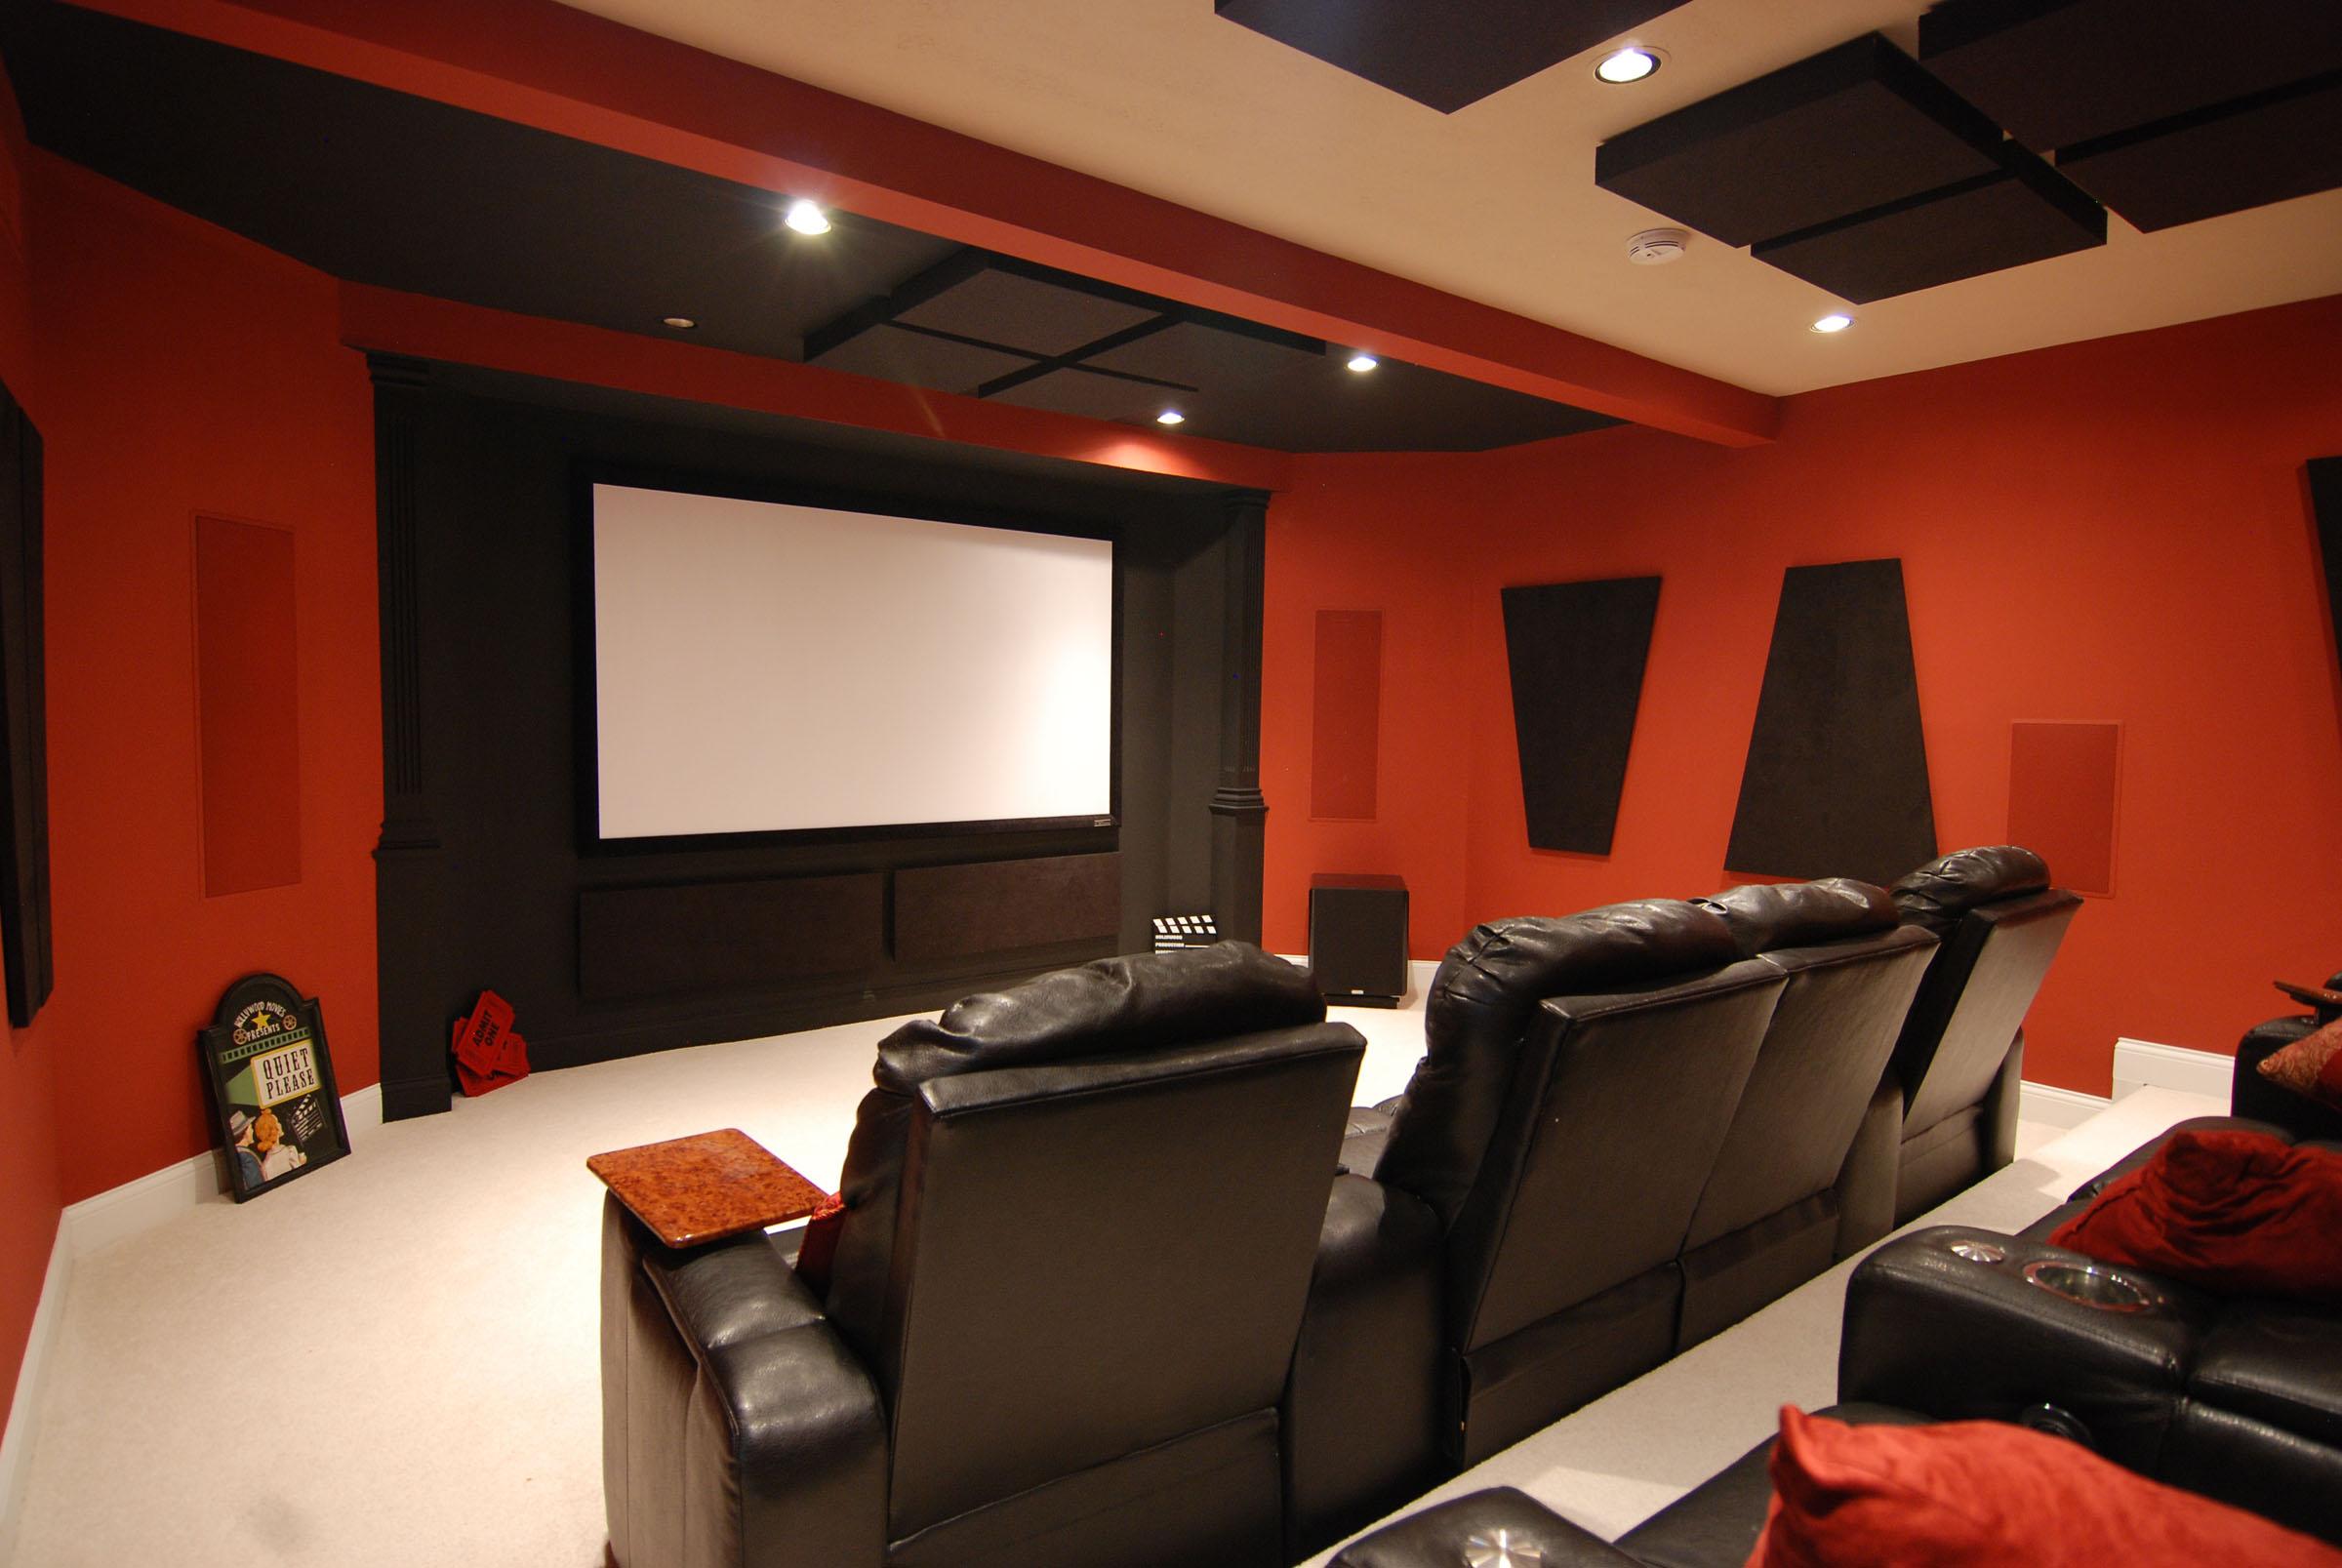 Домашний кинотеатр, акустически оформленный с помощью специальных панелей